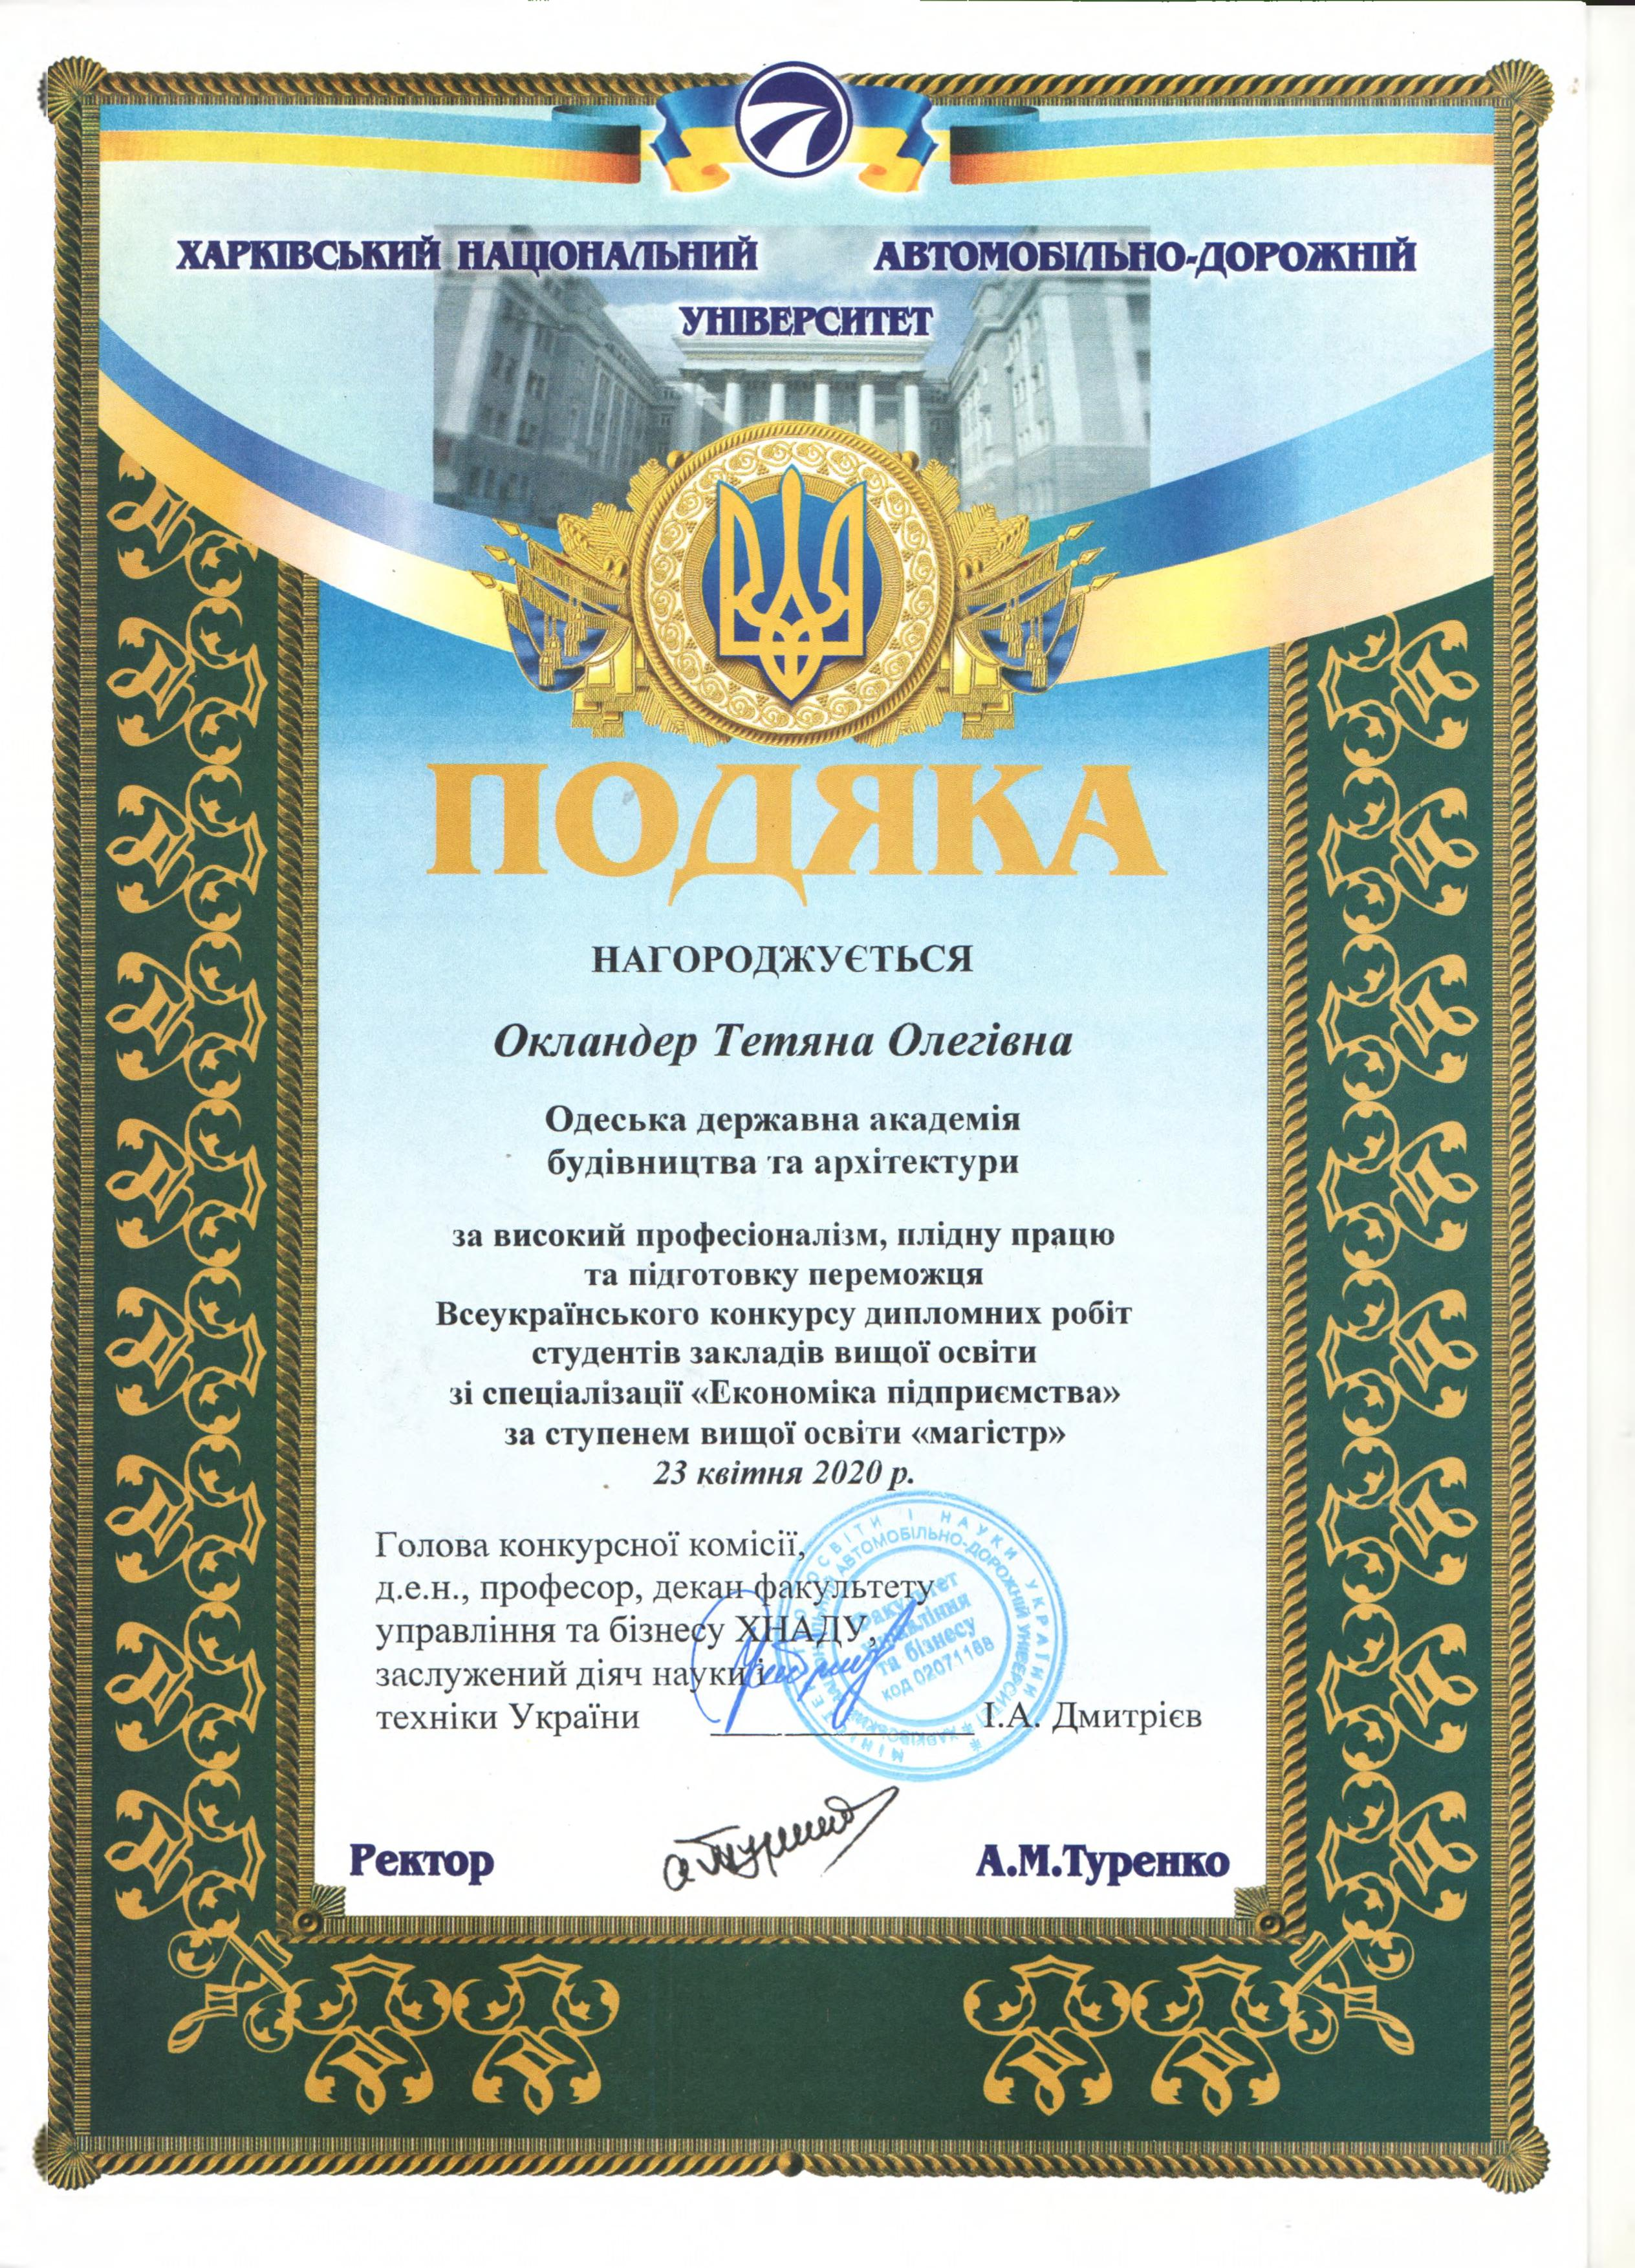 грамота конкурс дипломних робіт Економіка підприємства Окландер